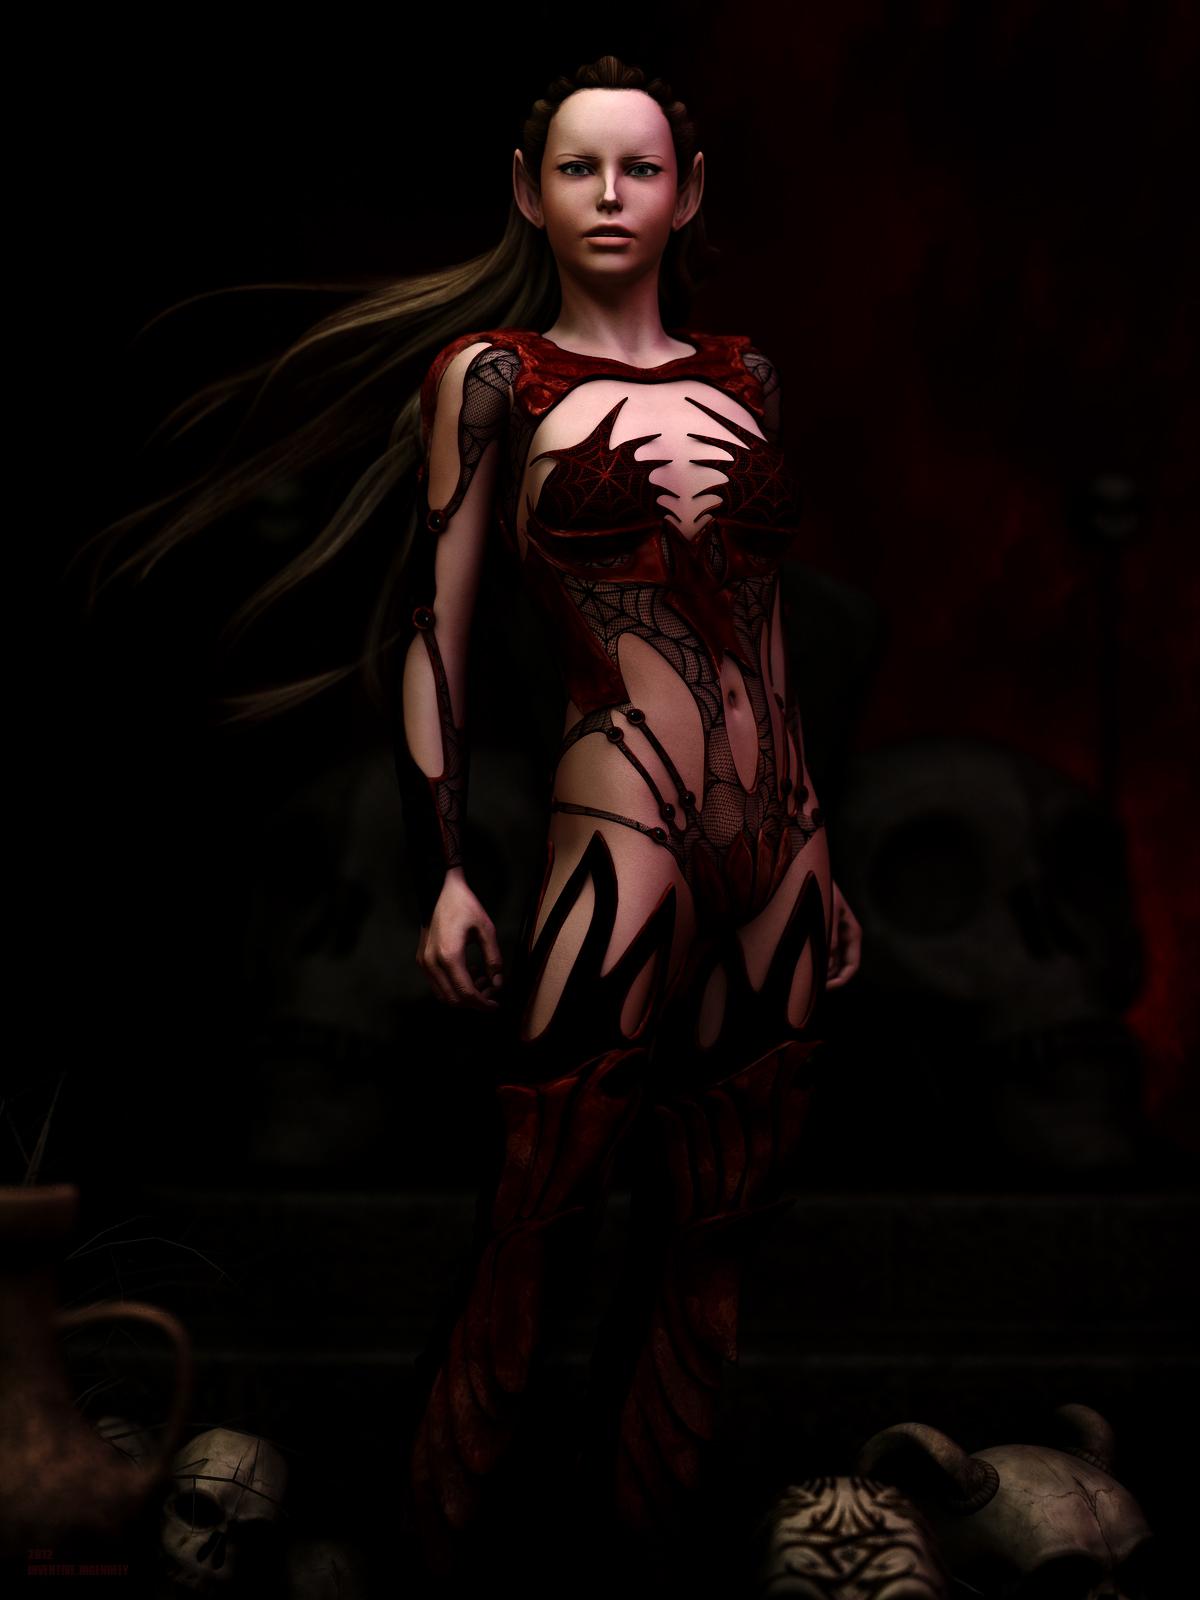 Dark Elf Queen by Balivandi